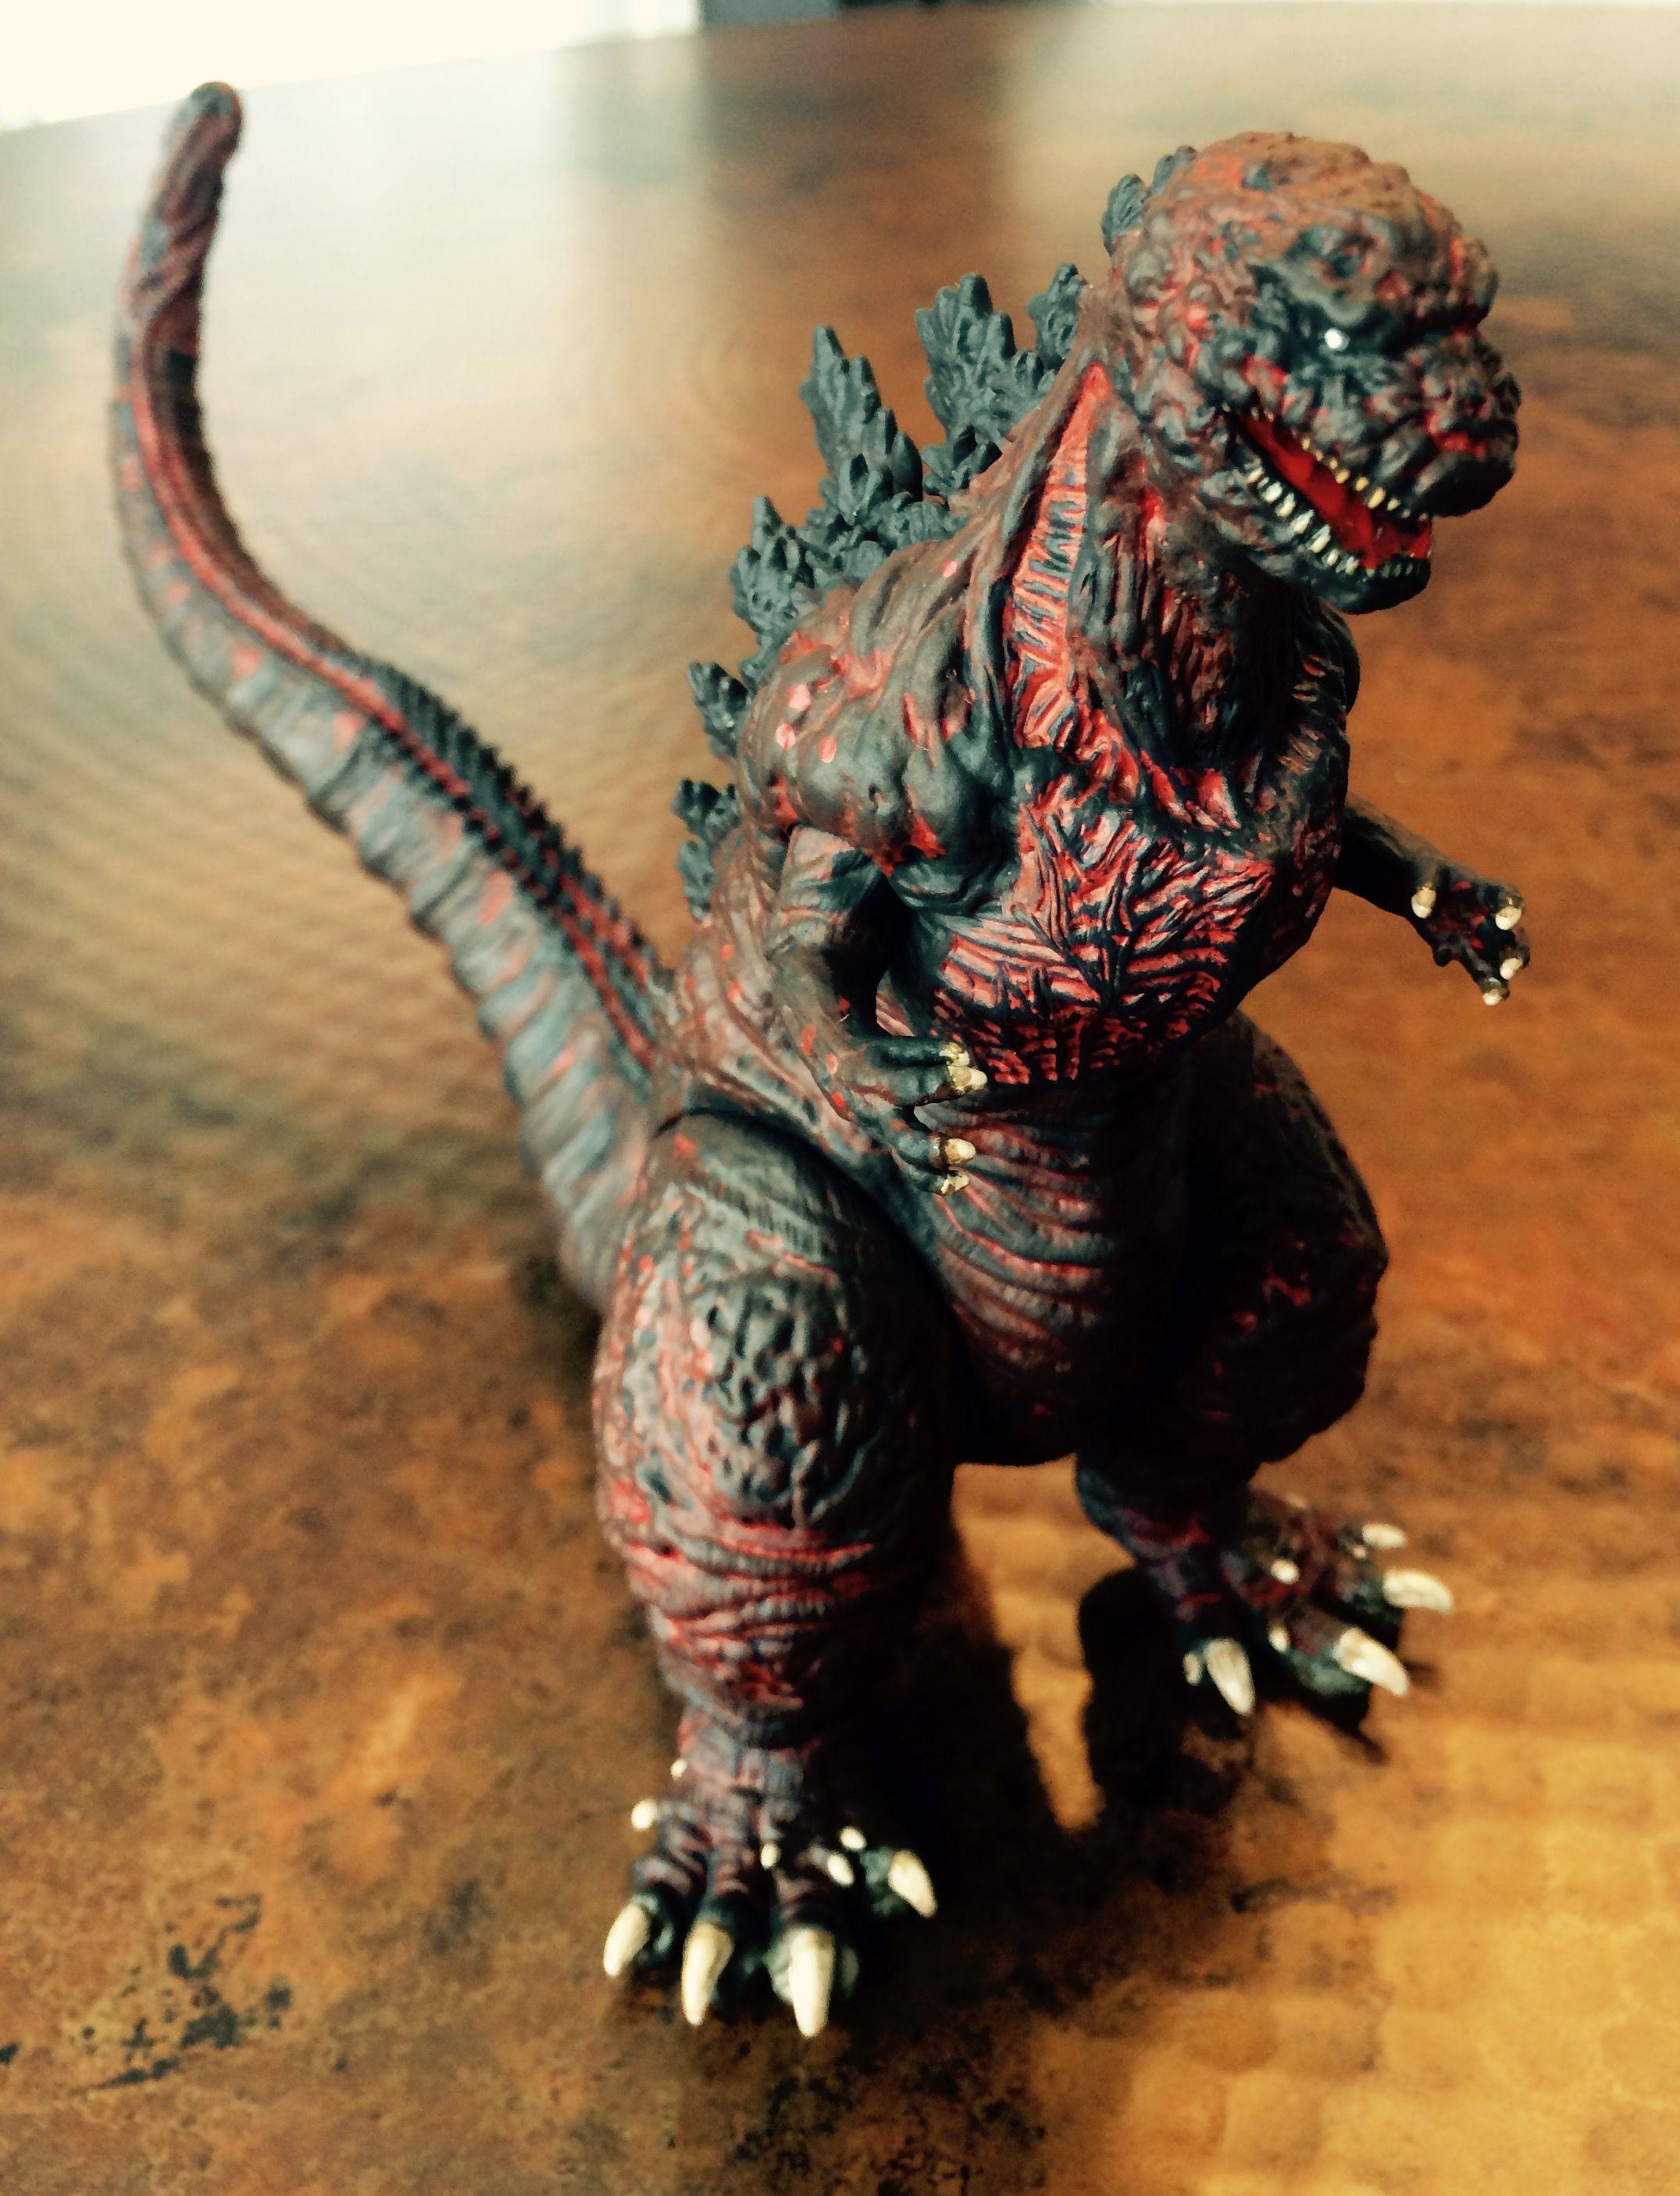 Bandai Godzilla Resurgence (final form) AKA Shin